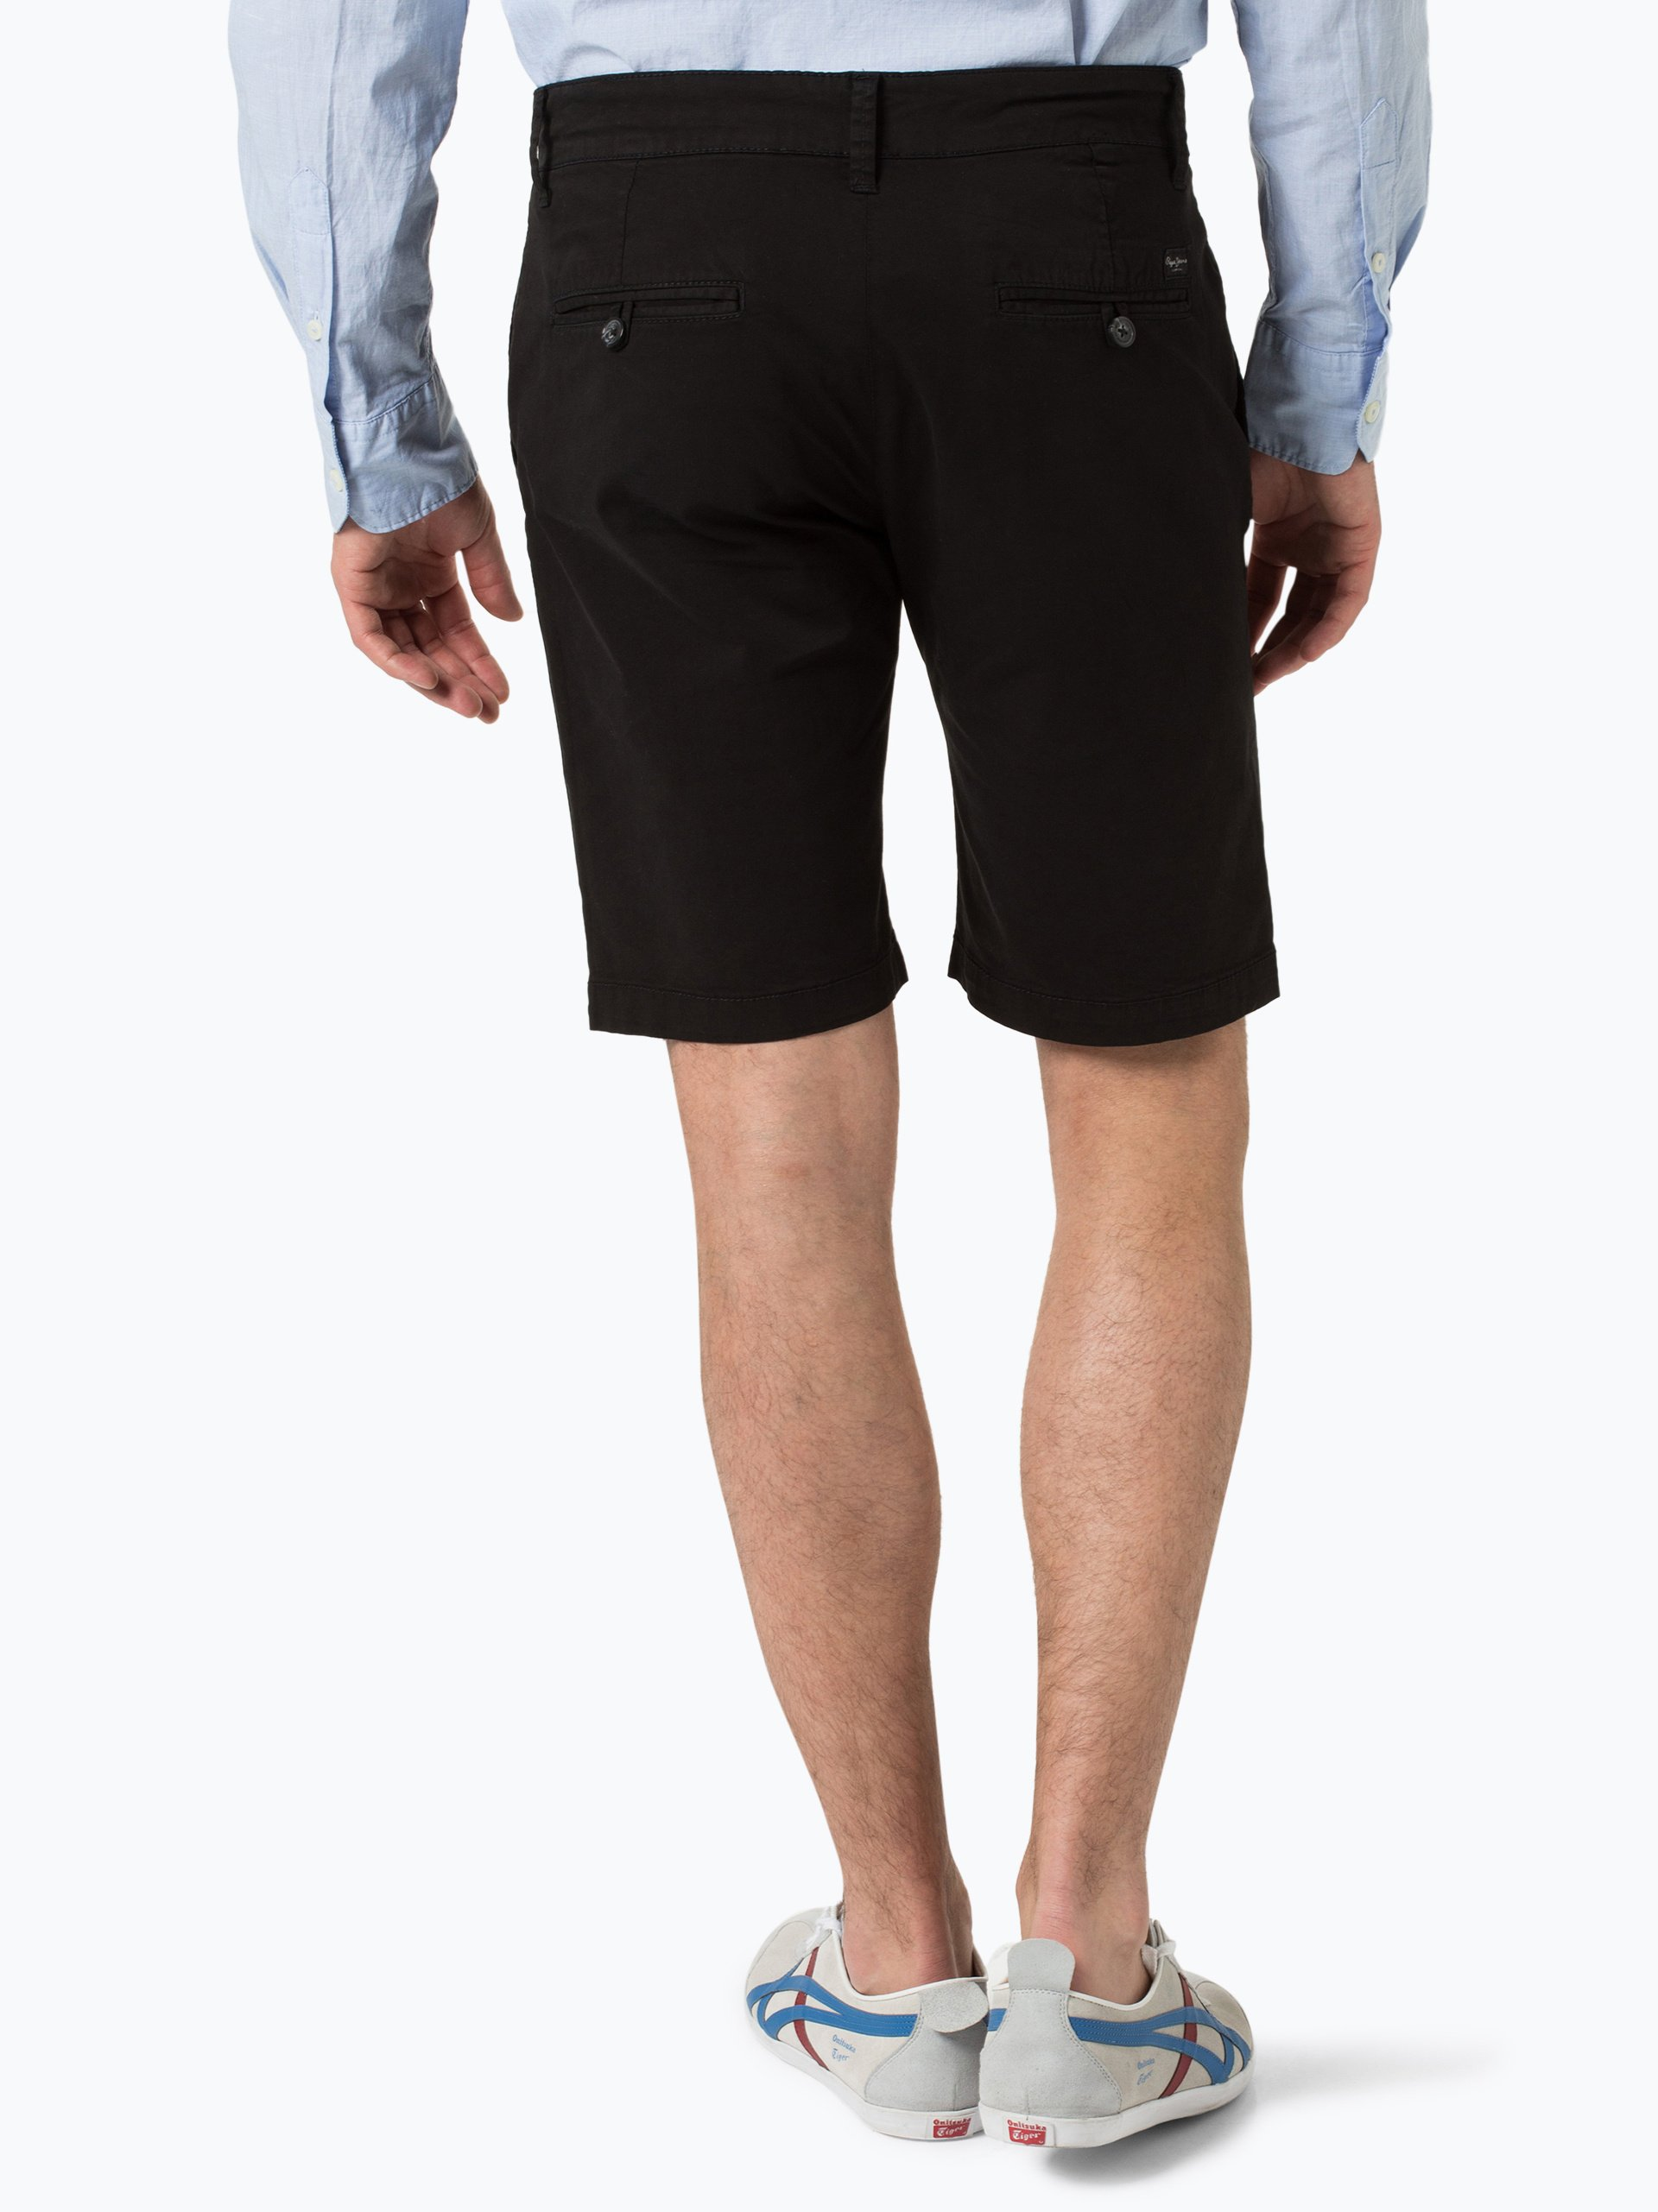 pepe jeans herren shorts mc queen schwarz uni online kaufen vangraaf com. Black Bedroom Furniture Sets. Home Design Ideas